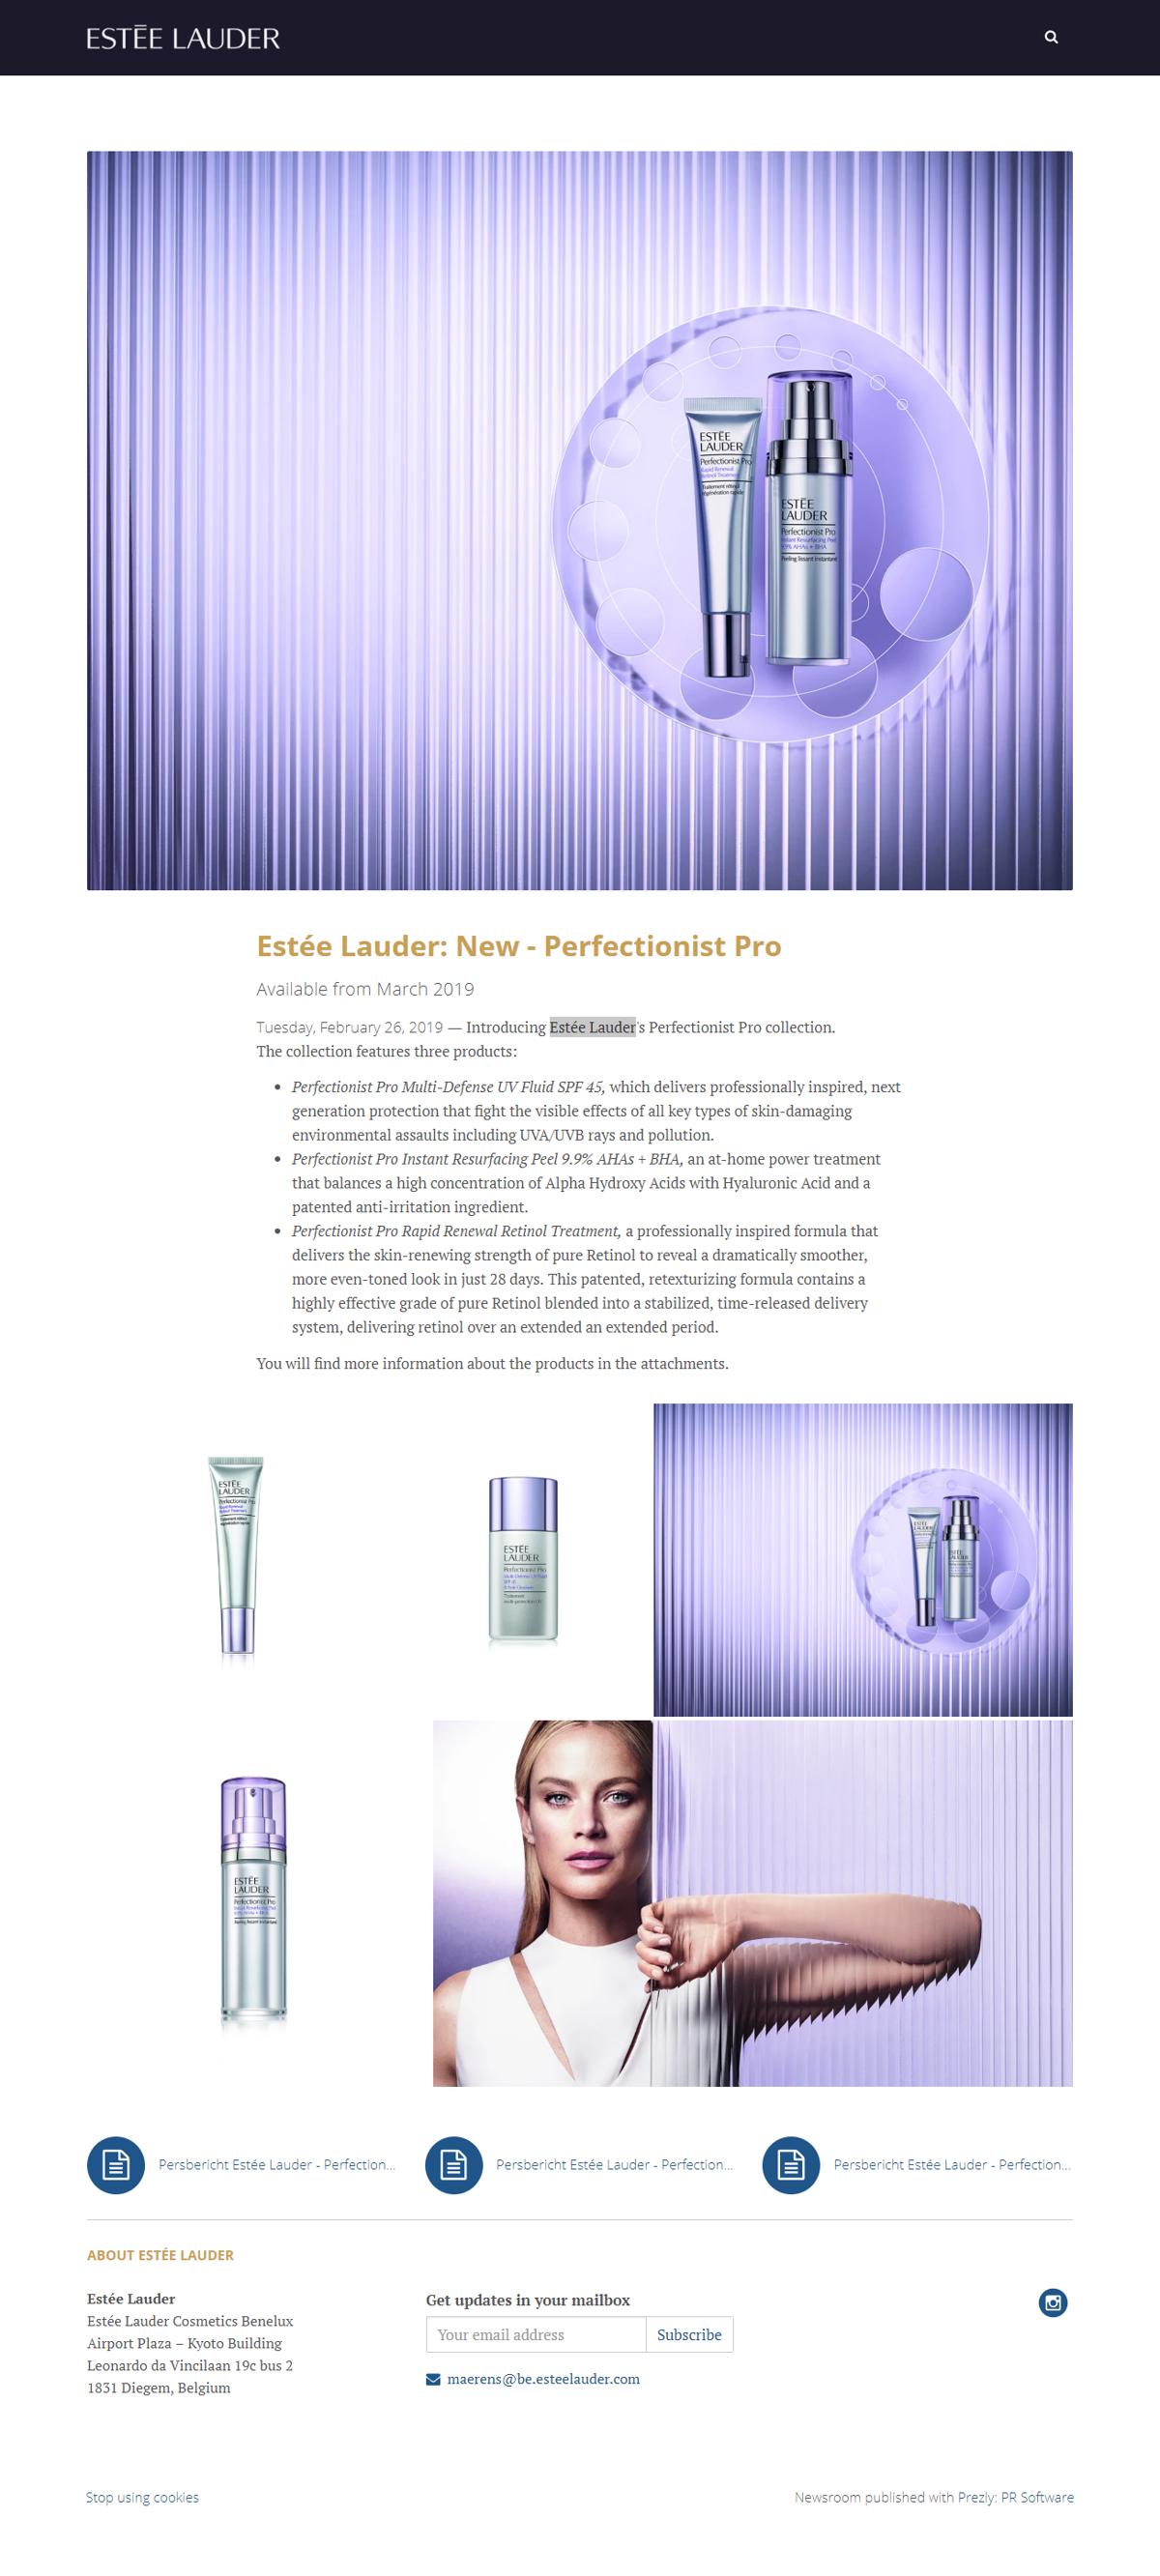 Estée Lauder: New - Perfectionist Pro